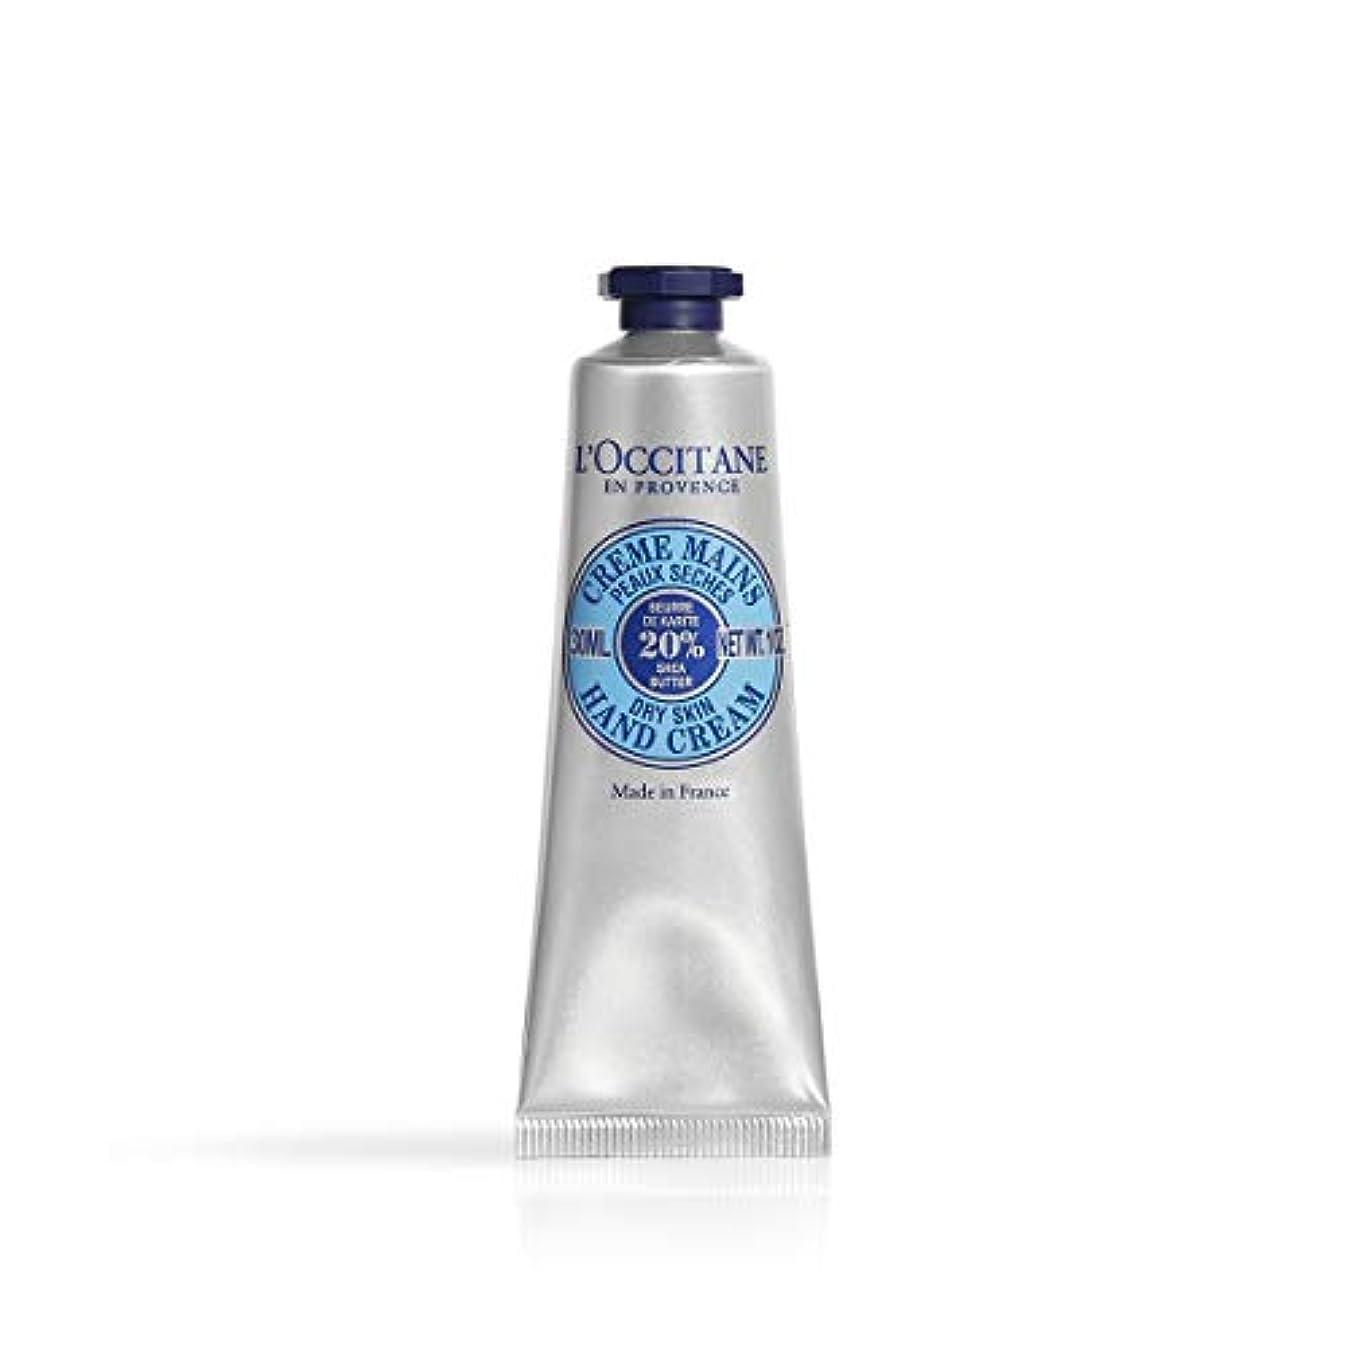 契約抽出バーチャルロクシタン(L'OCCITANE) シア ハンドクリーム 30ml